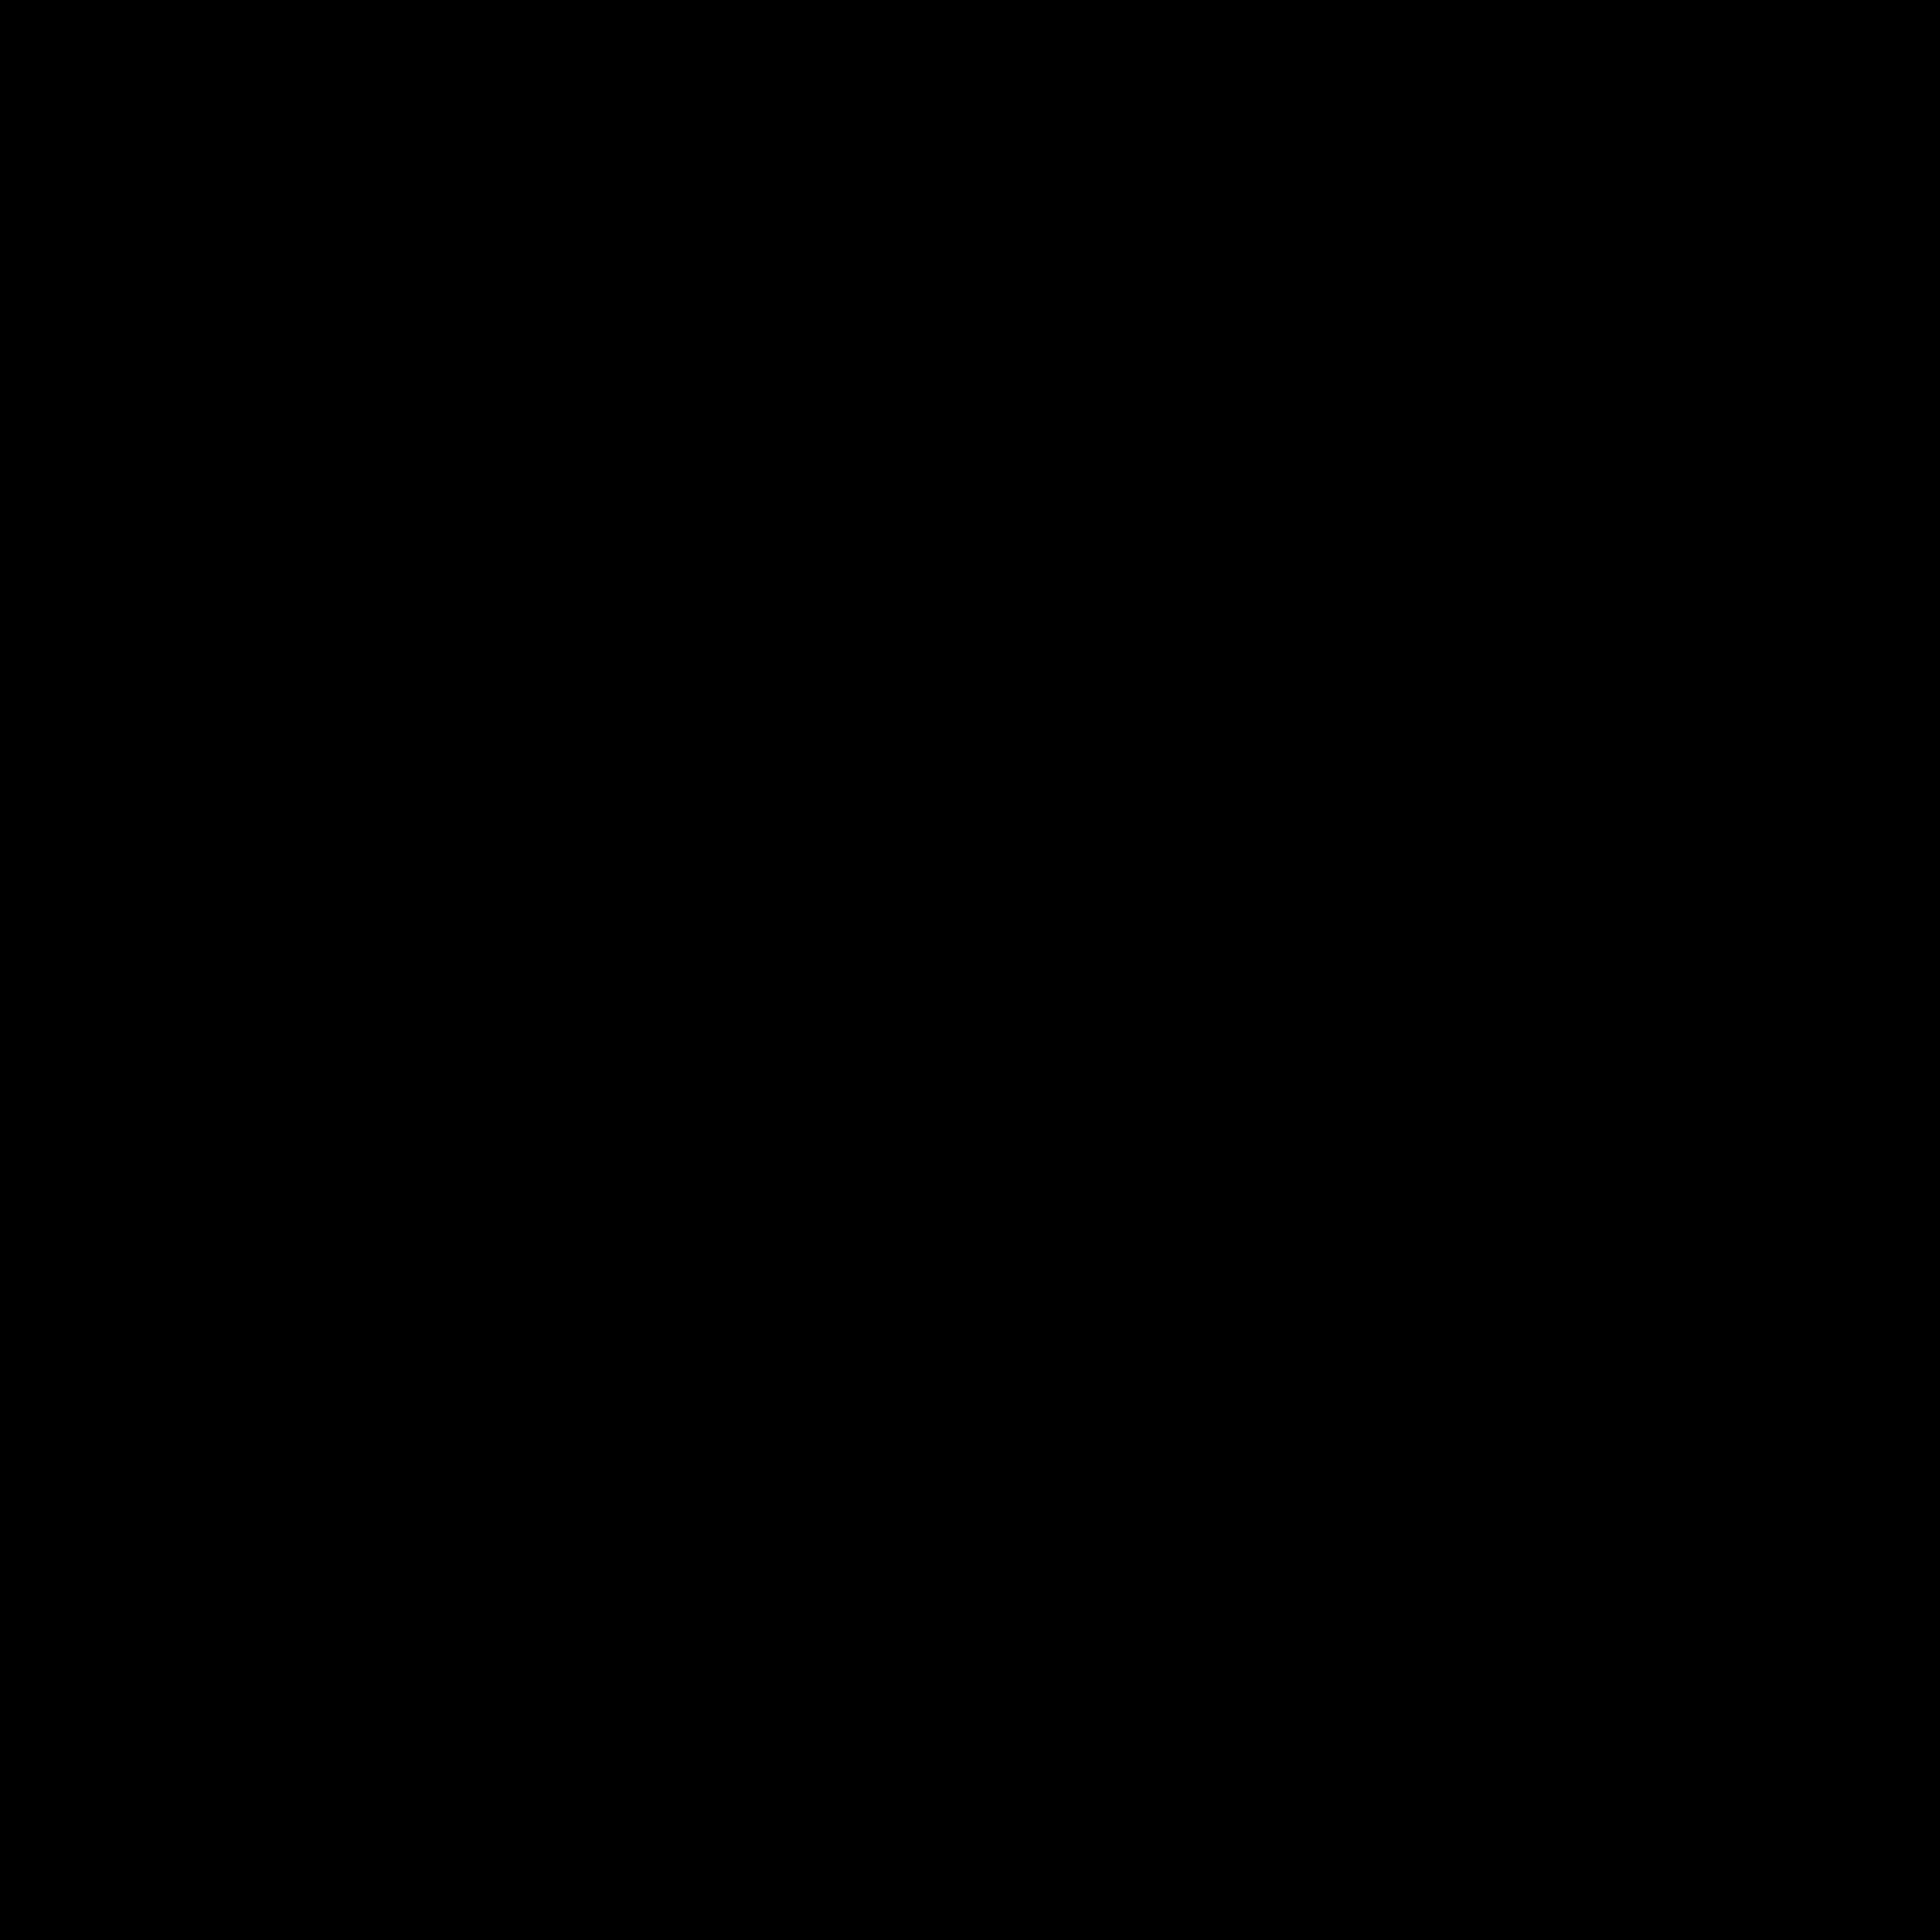 Polka Dot Clipart | Free Download Clip A-Polka Dot Clipart | Free Download Clip Art | Free Clip Art | on .-10